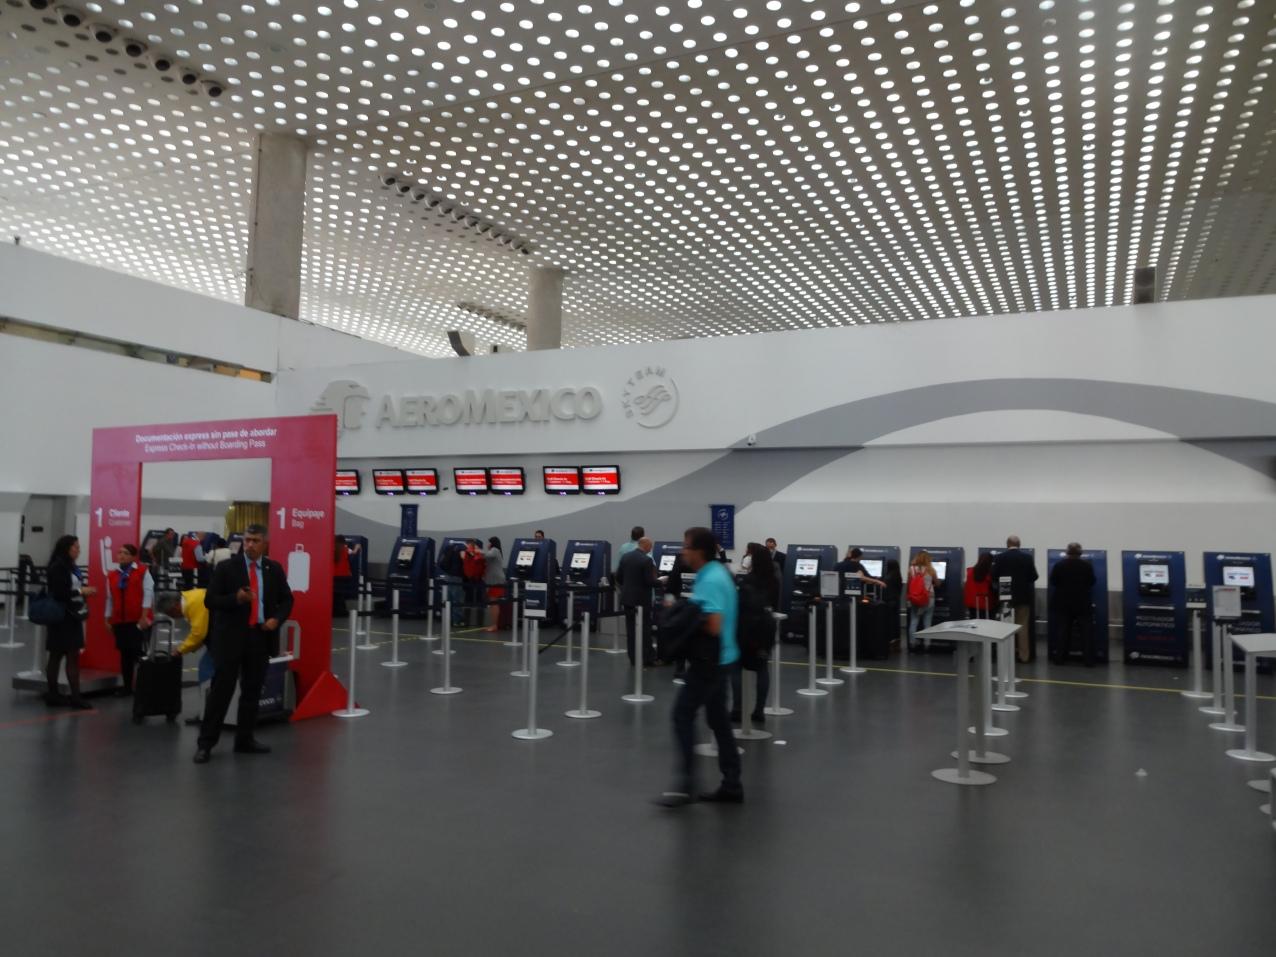 Check-in Aeromexico